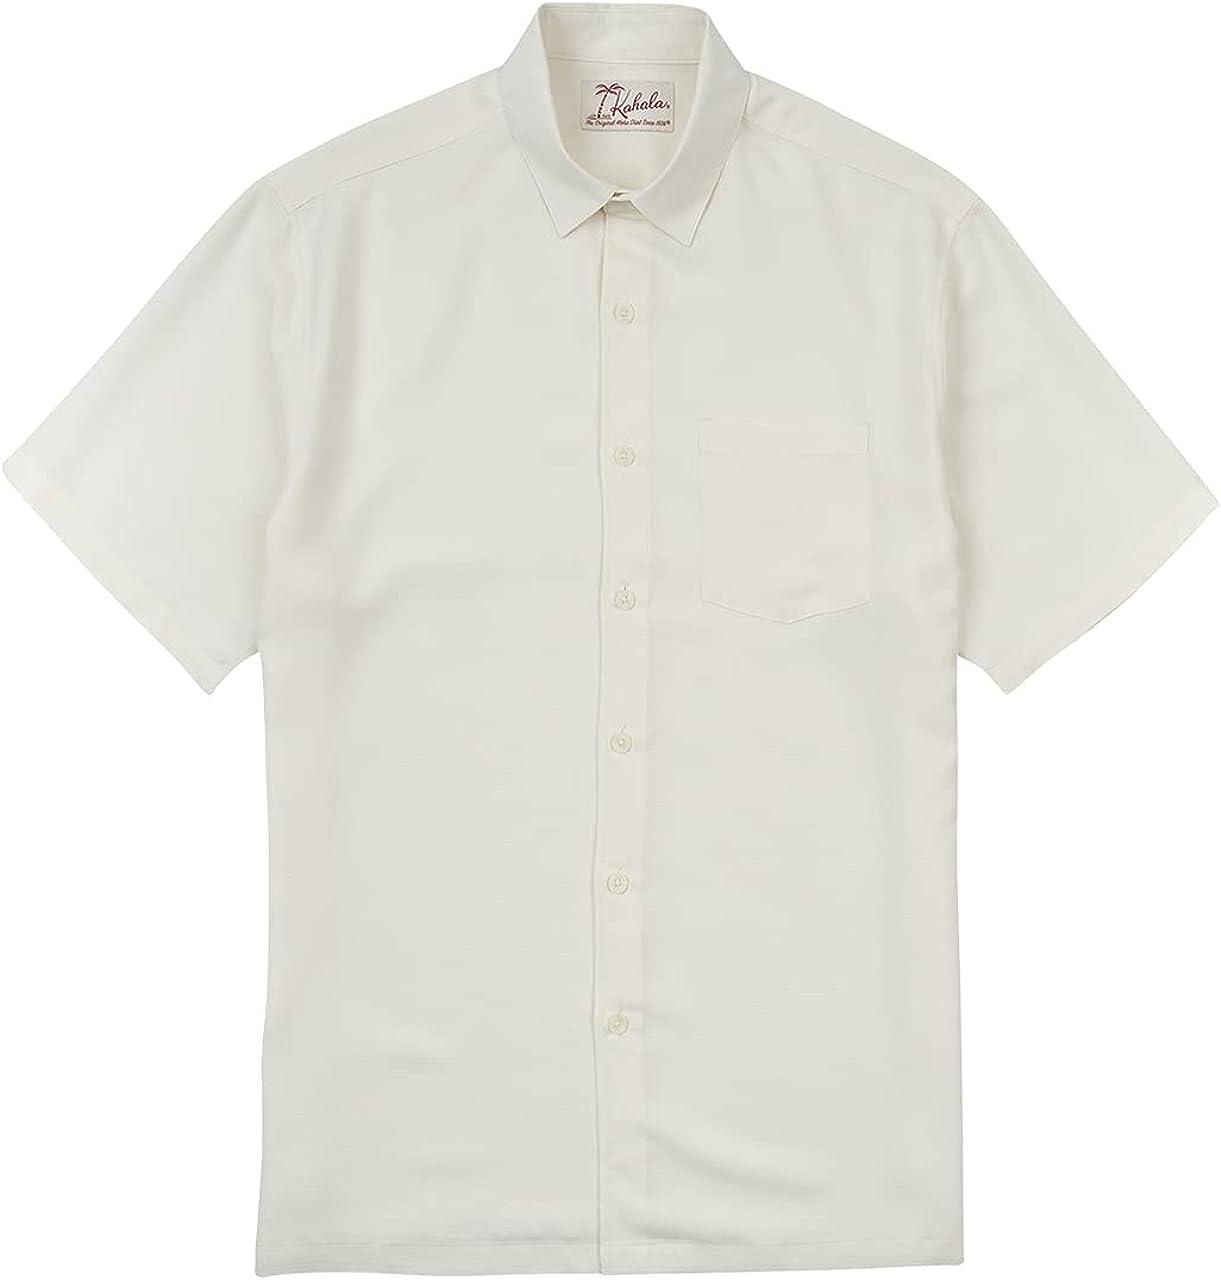 Kahala Kapena Hawaiian Aloha Shirt, Regular Fit Short Sleeve Button Down Casual Mens Top